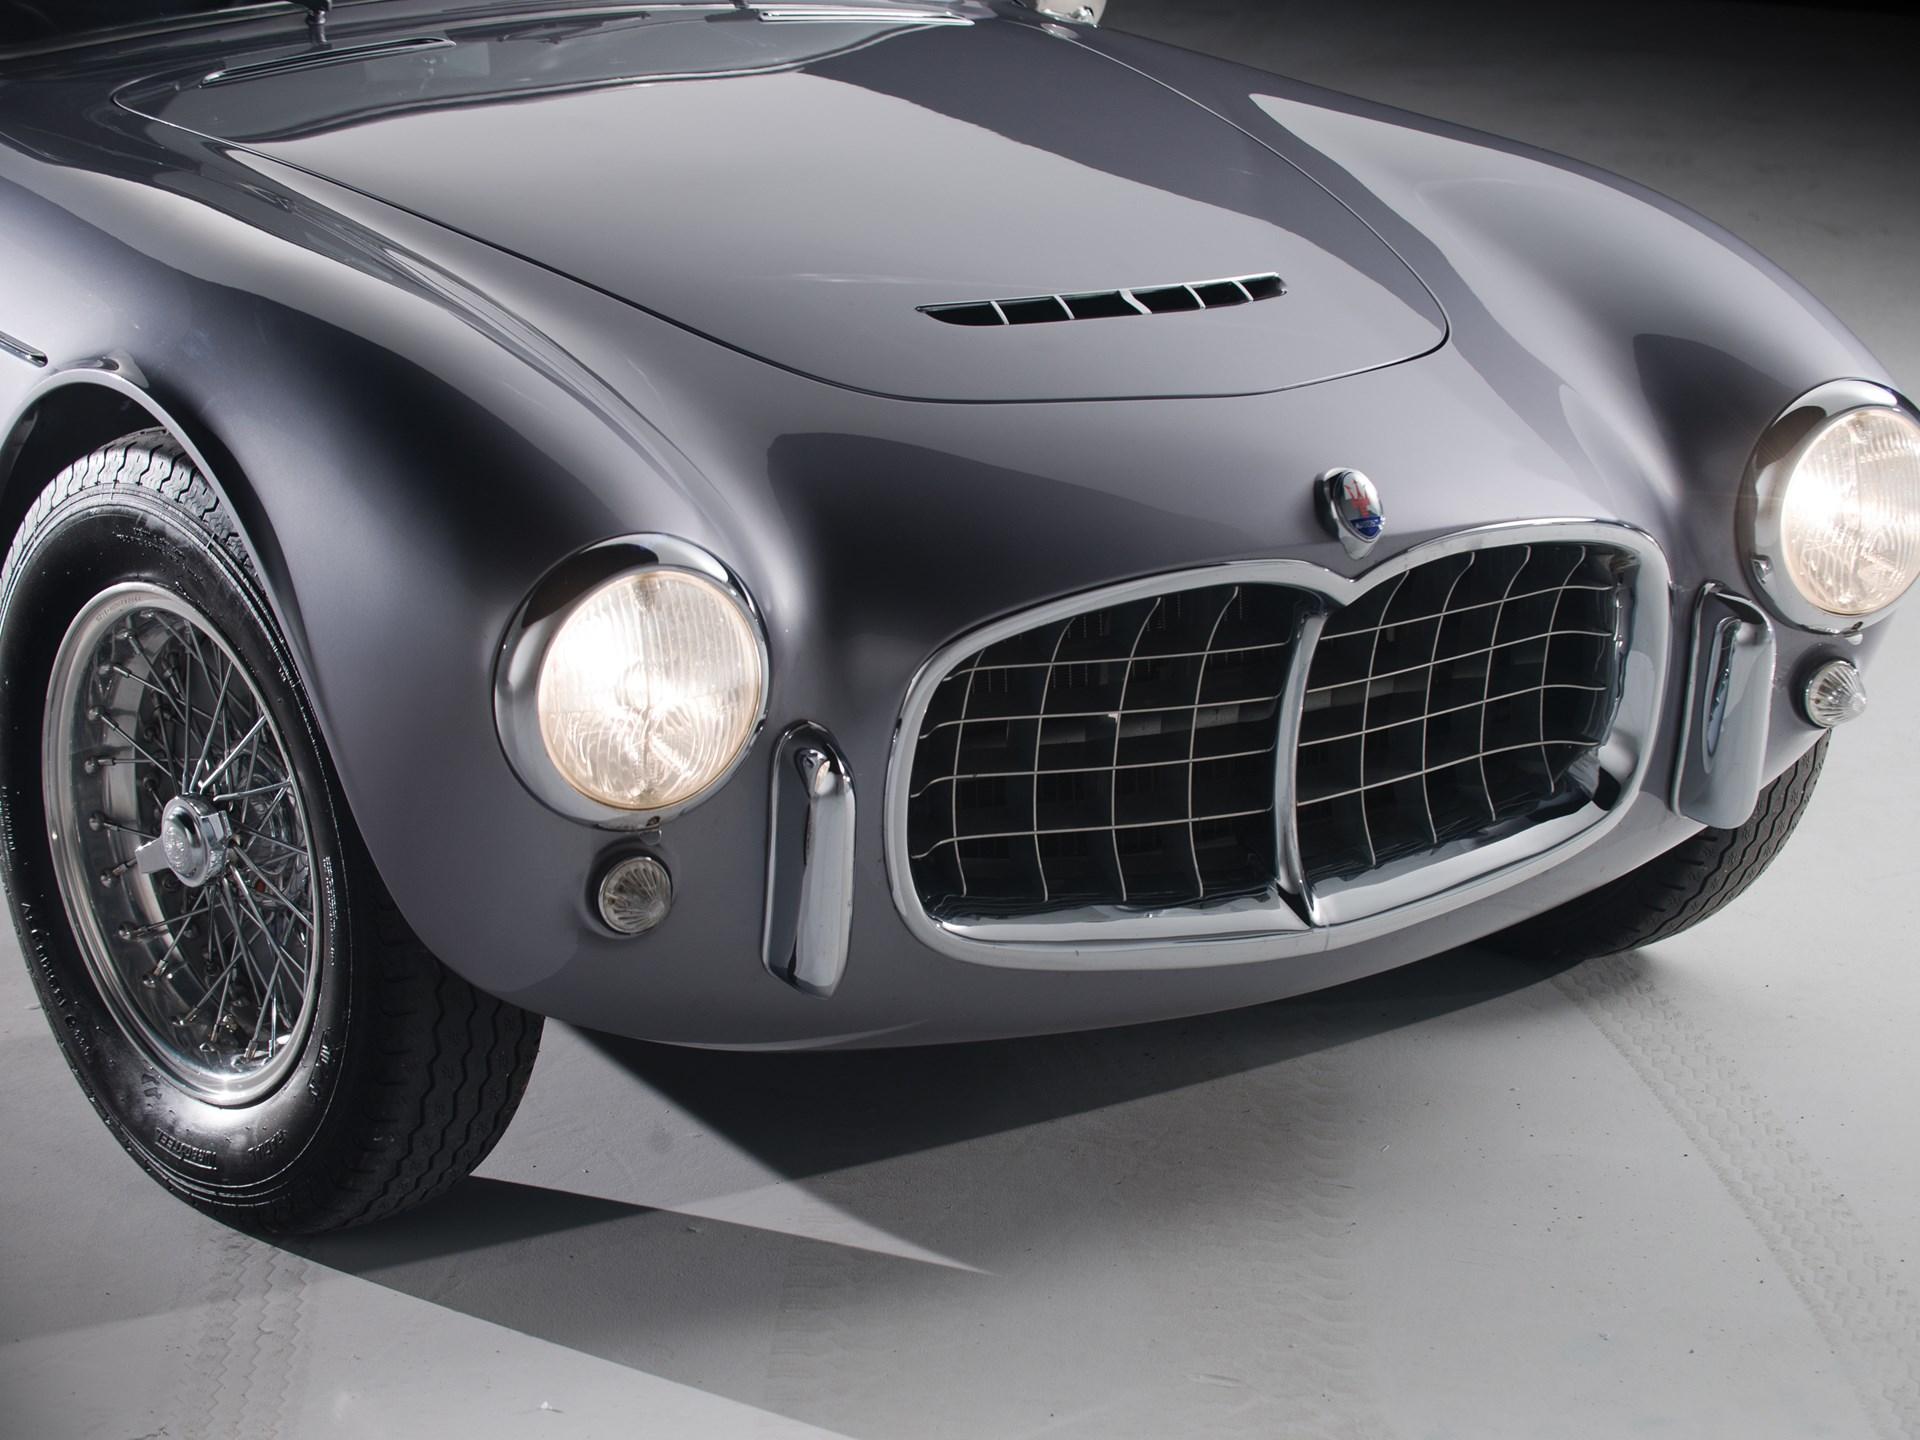 1956 Maserati A6G/2000 Spyder by Frua